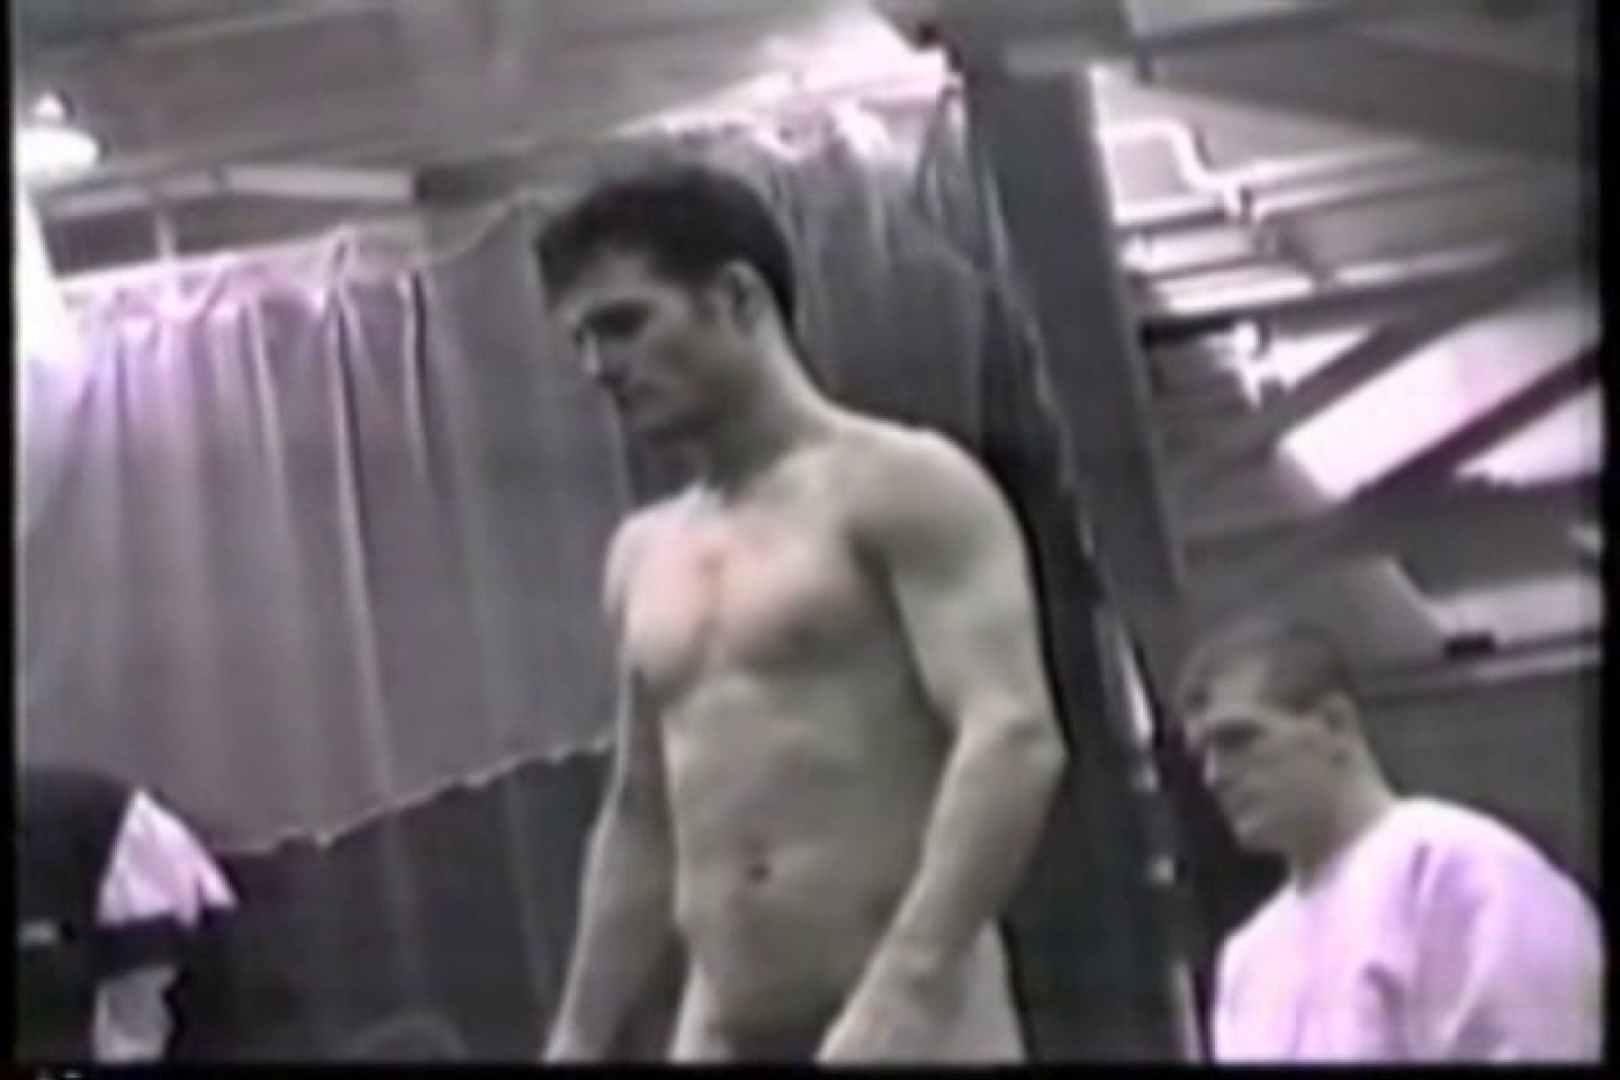 洋人さんの脱衣所を覗いてみました。VOL.6 肉にく男子 ゲイエロ動画 102枚 29